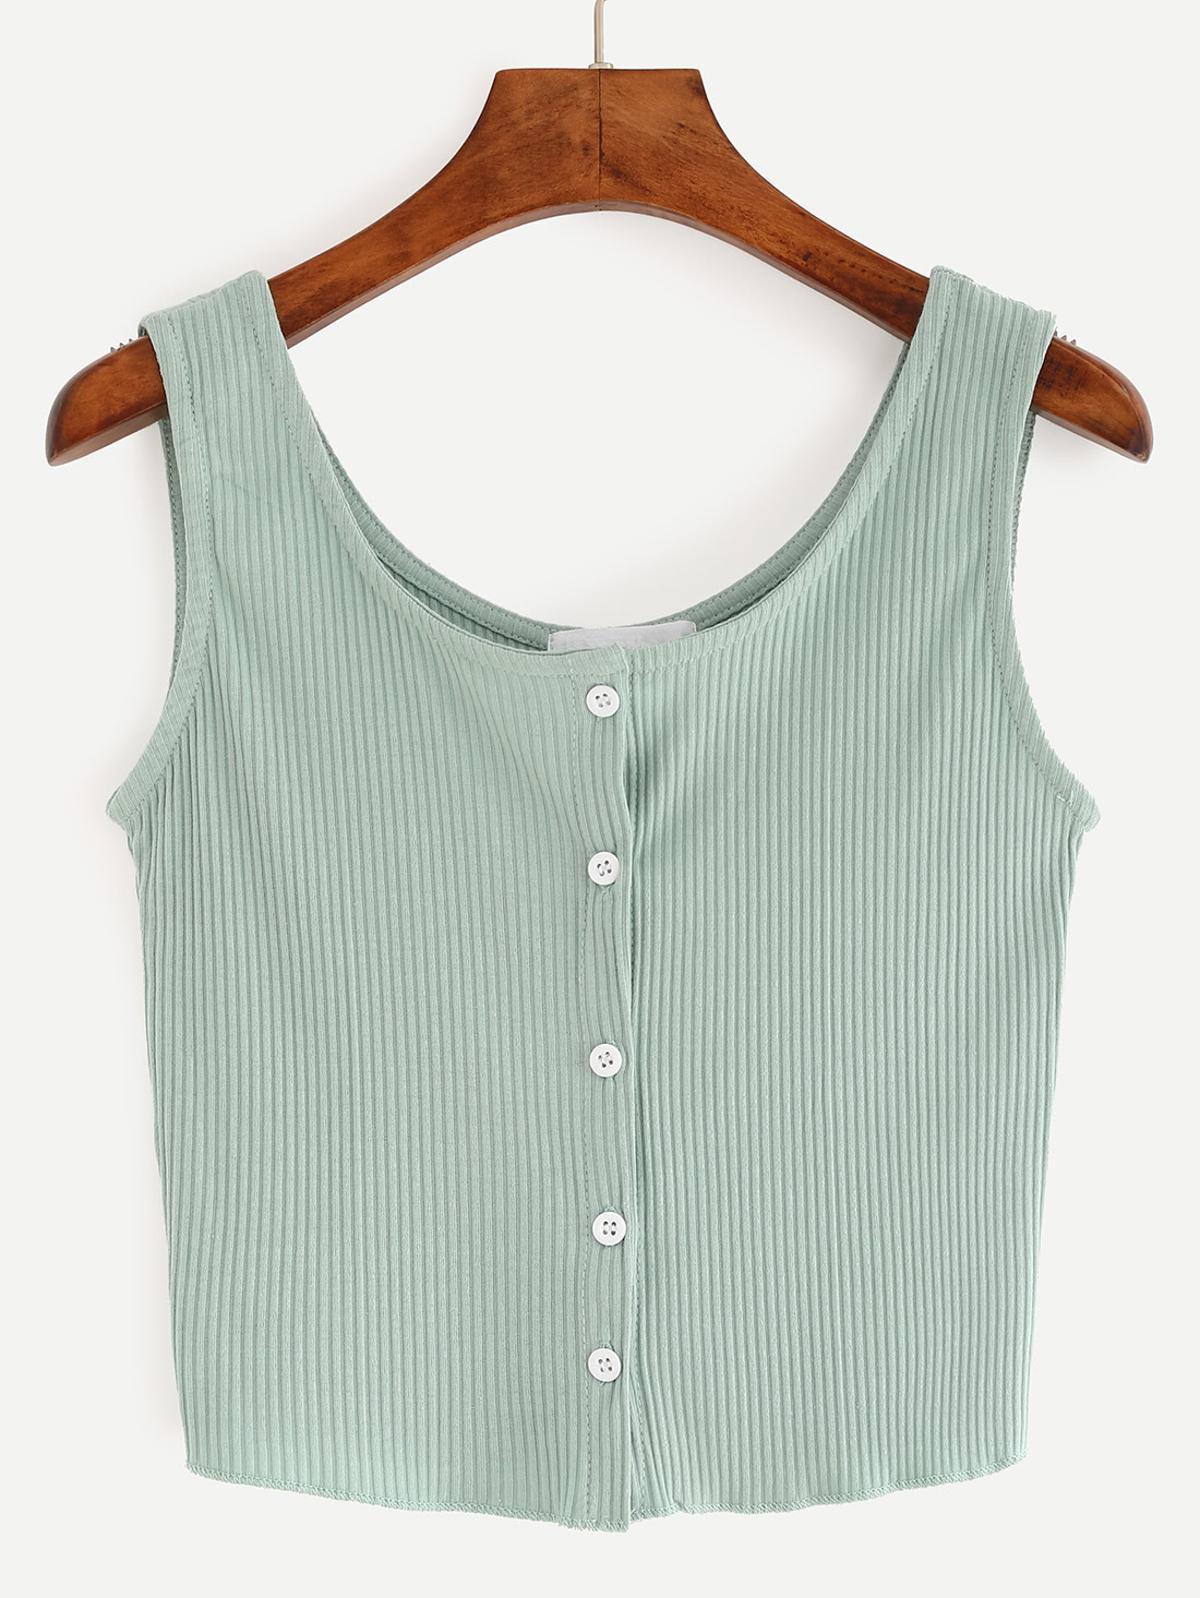 紐扣 正面 細長條 針織 短版 無袖背心 - 綠色